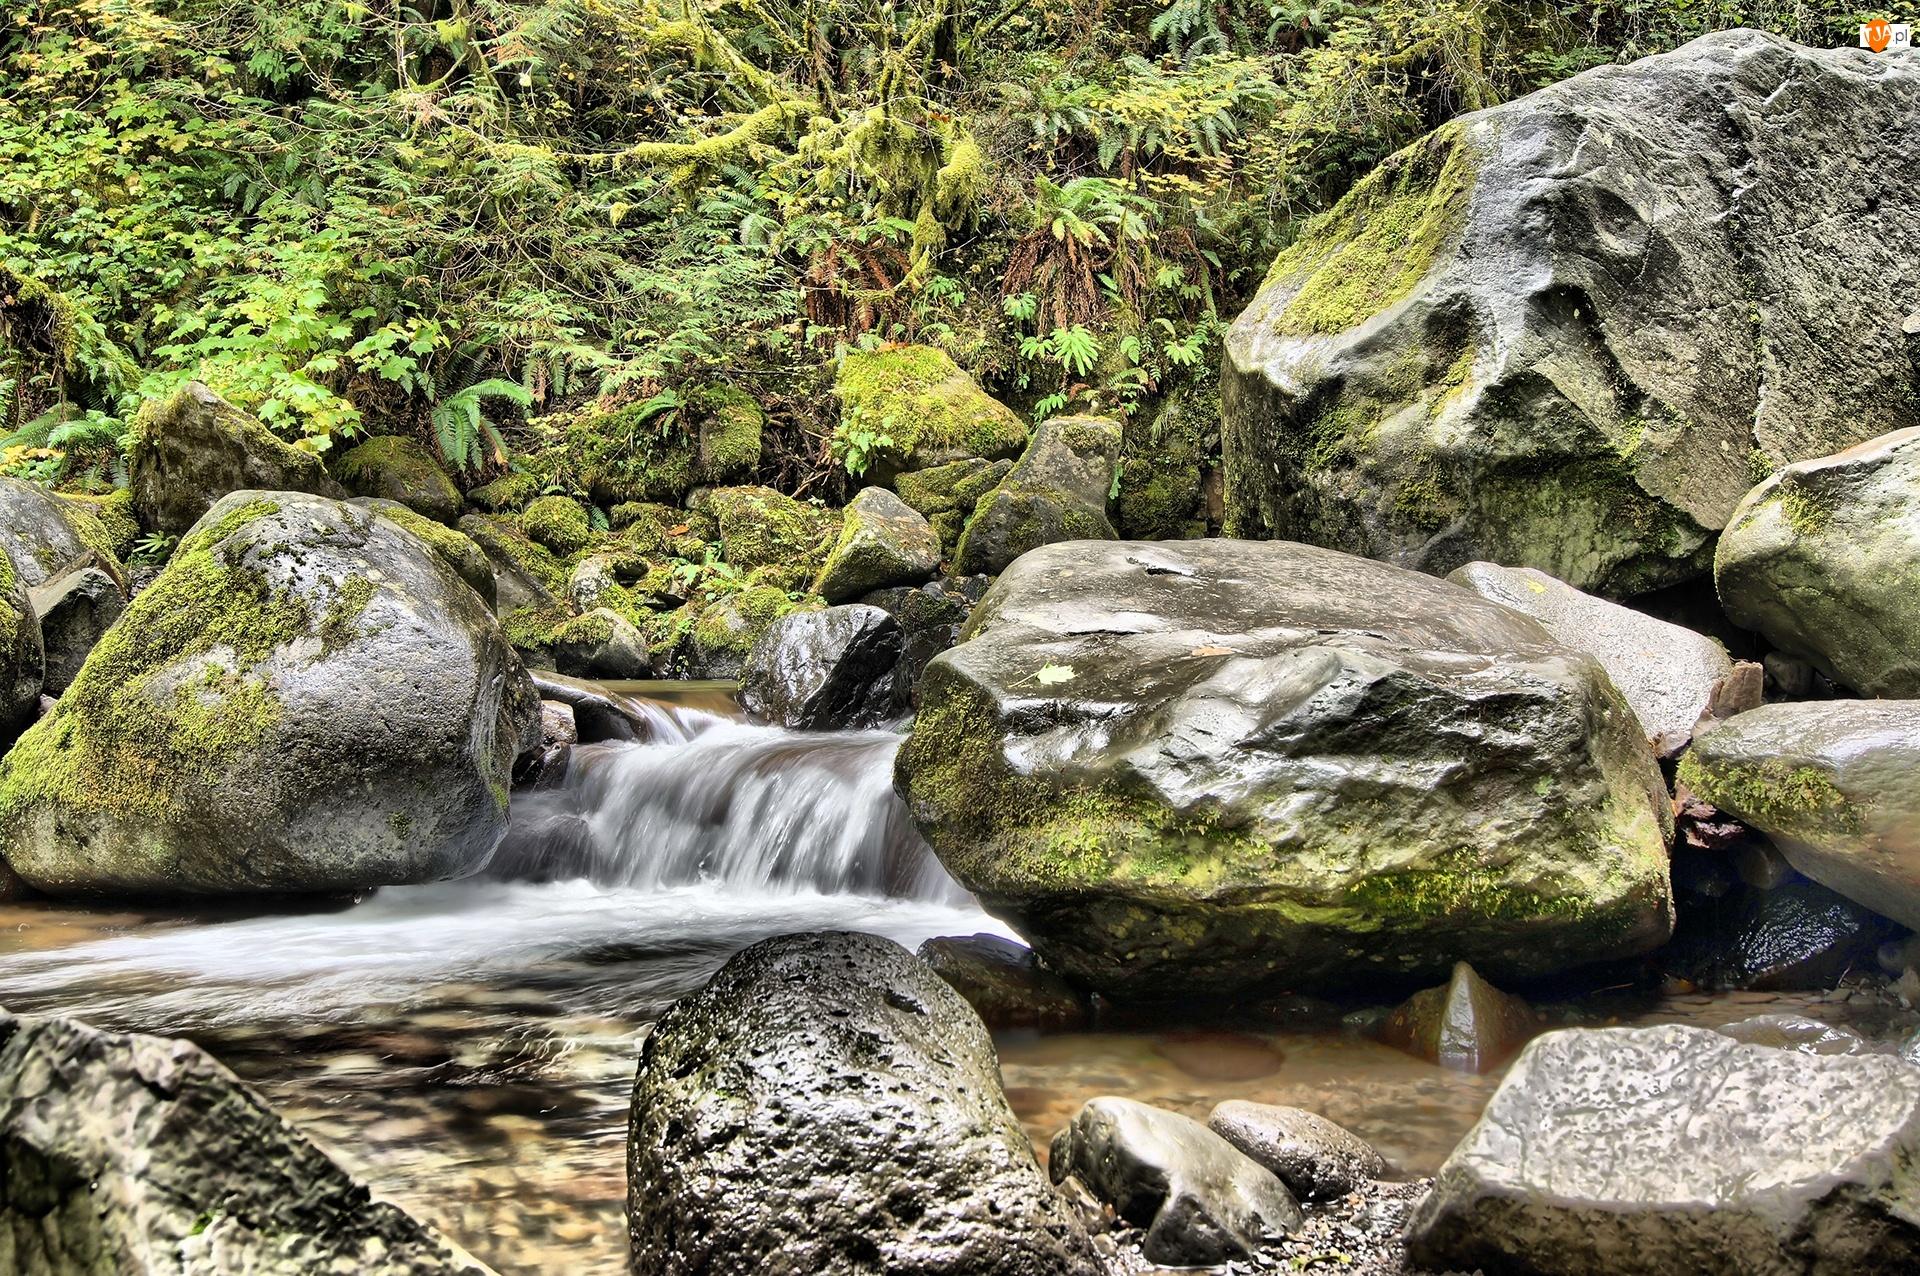 Kamienie, Rośliny, Rwący, Potok